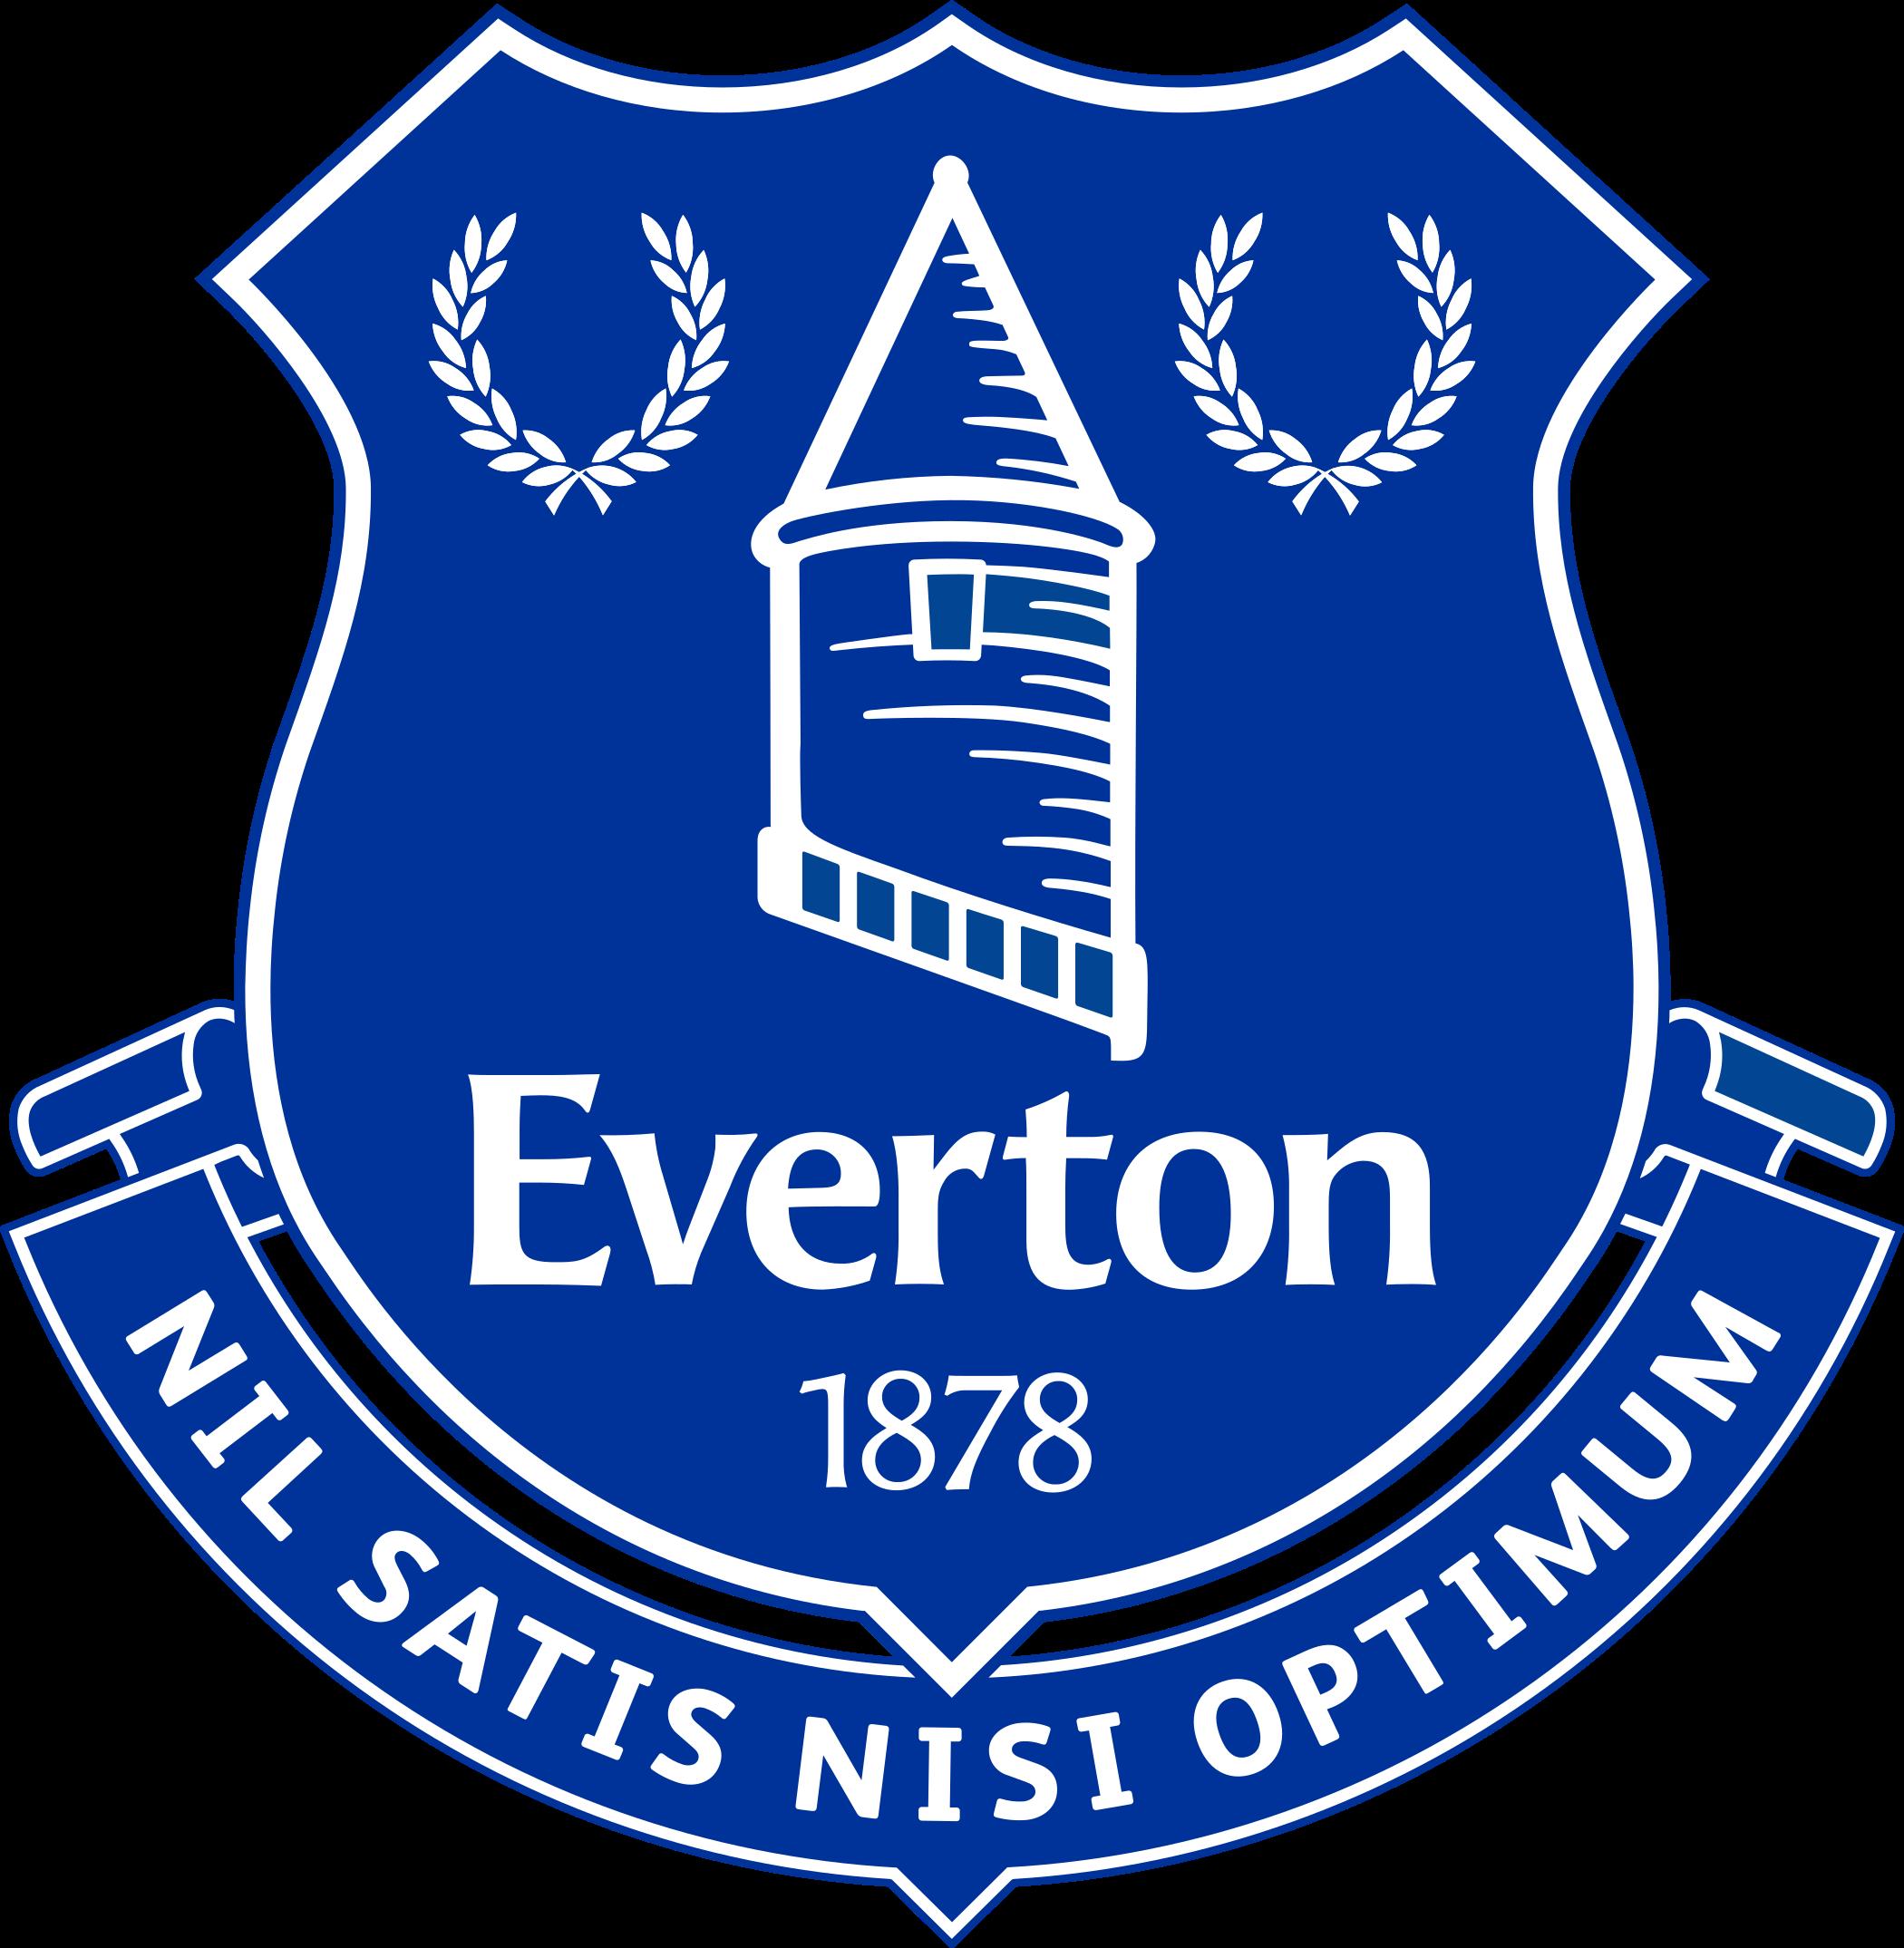 everton logo escudo 1 - Everton FC Logo